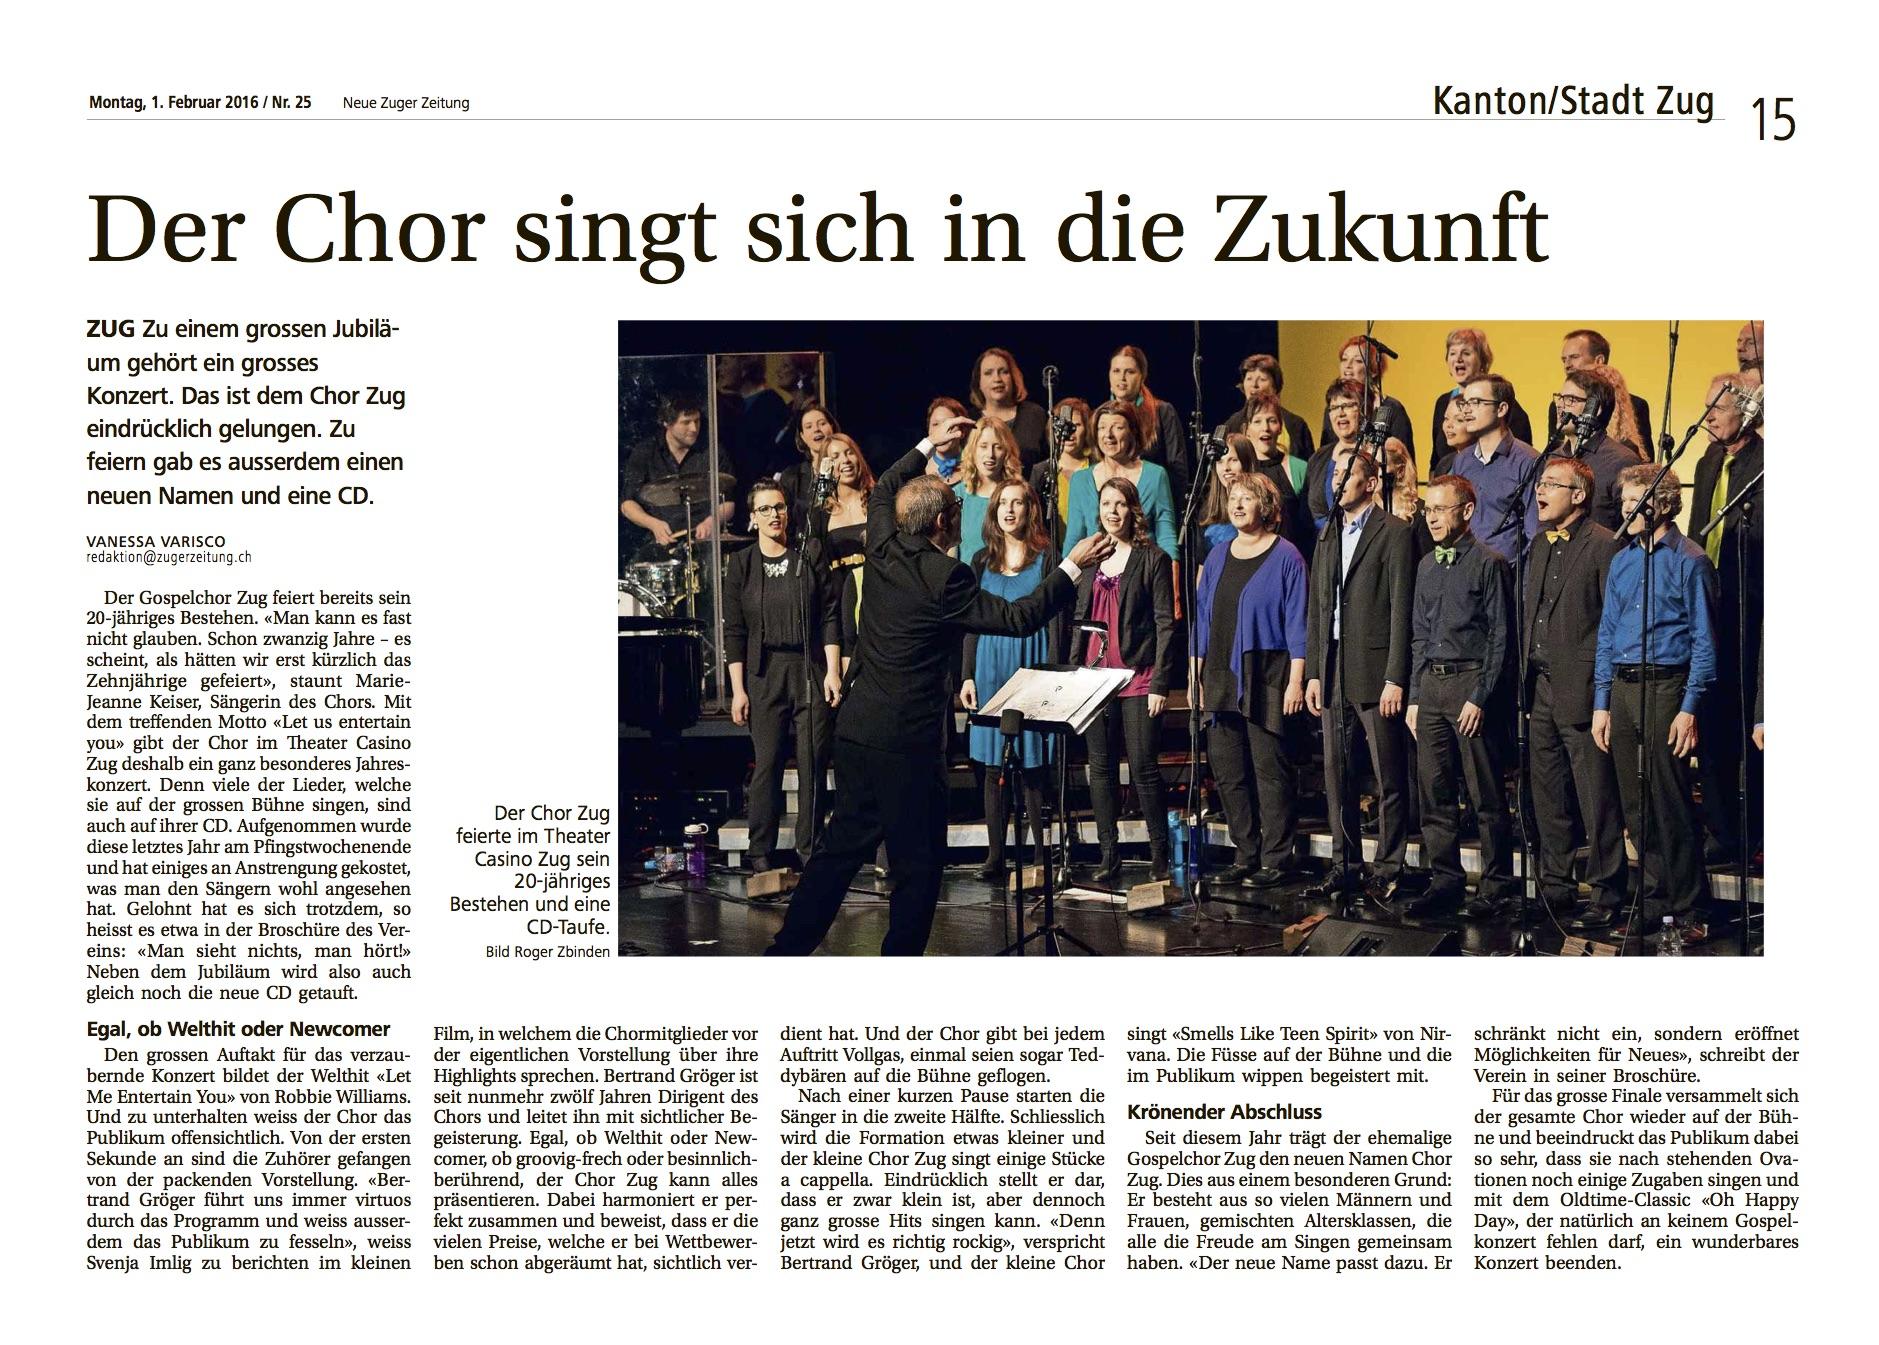 Konzertkritik der Neuen Zuger Zeitung vom 1.2.2016